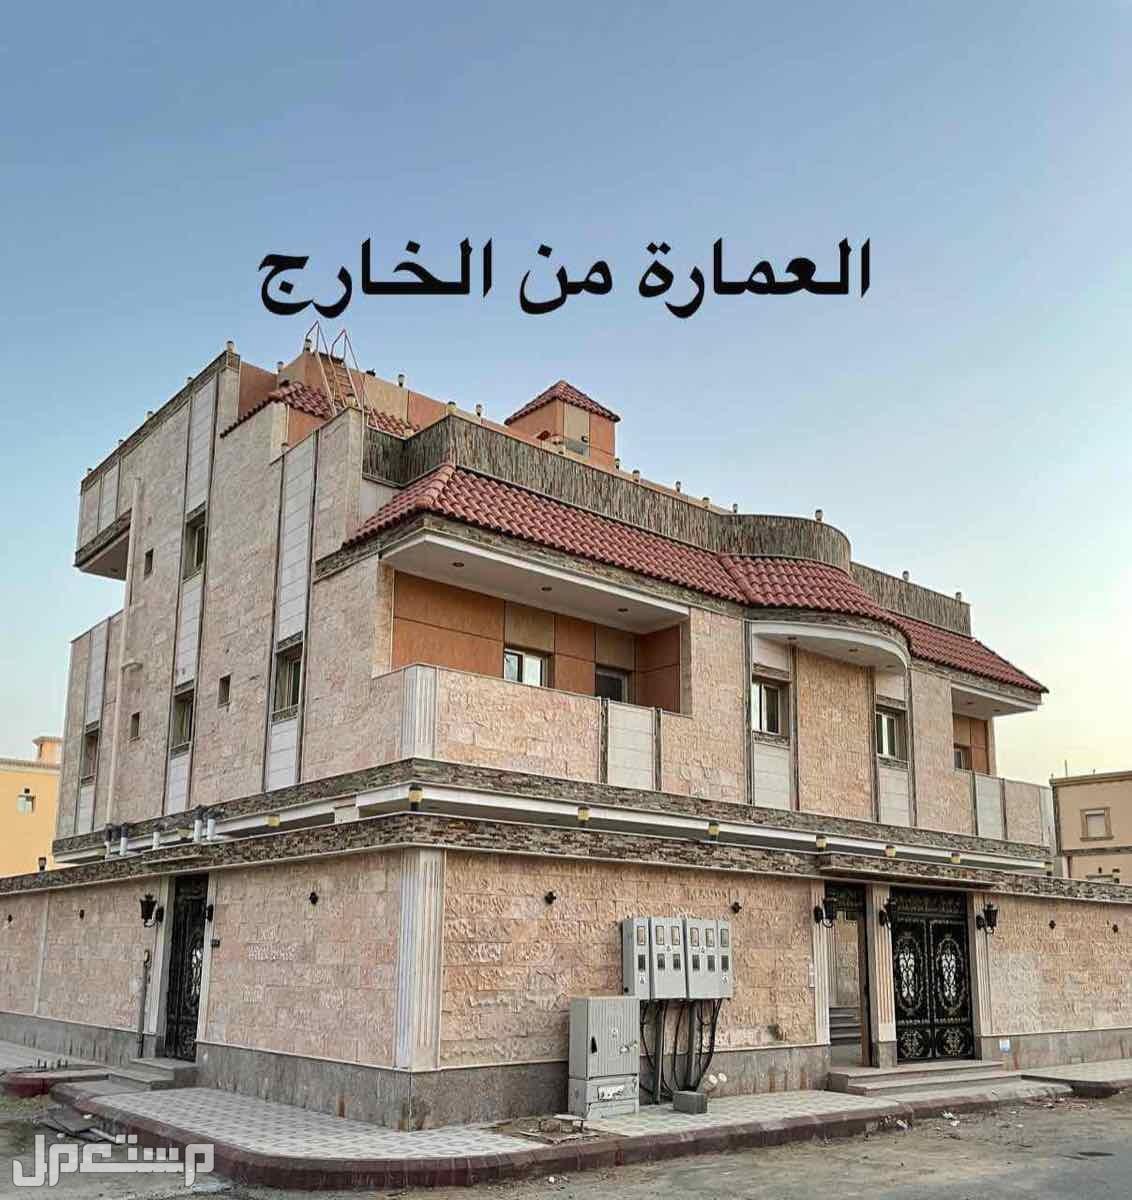 جدة حي الشراع طريق الامير نايف